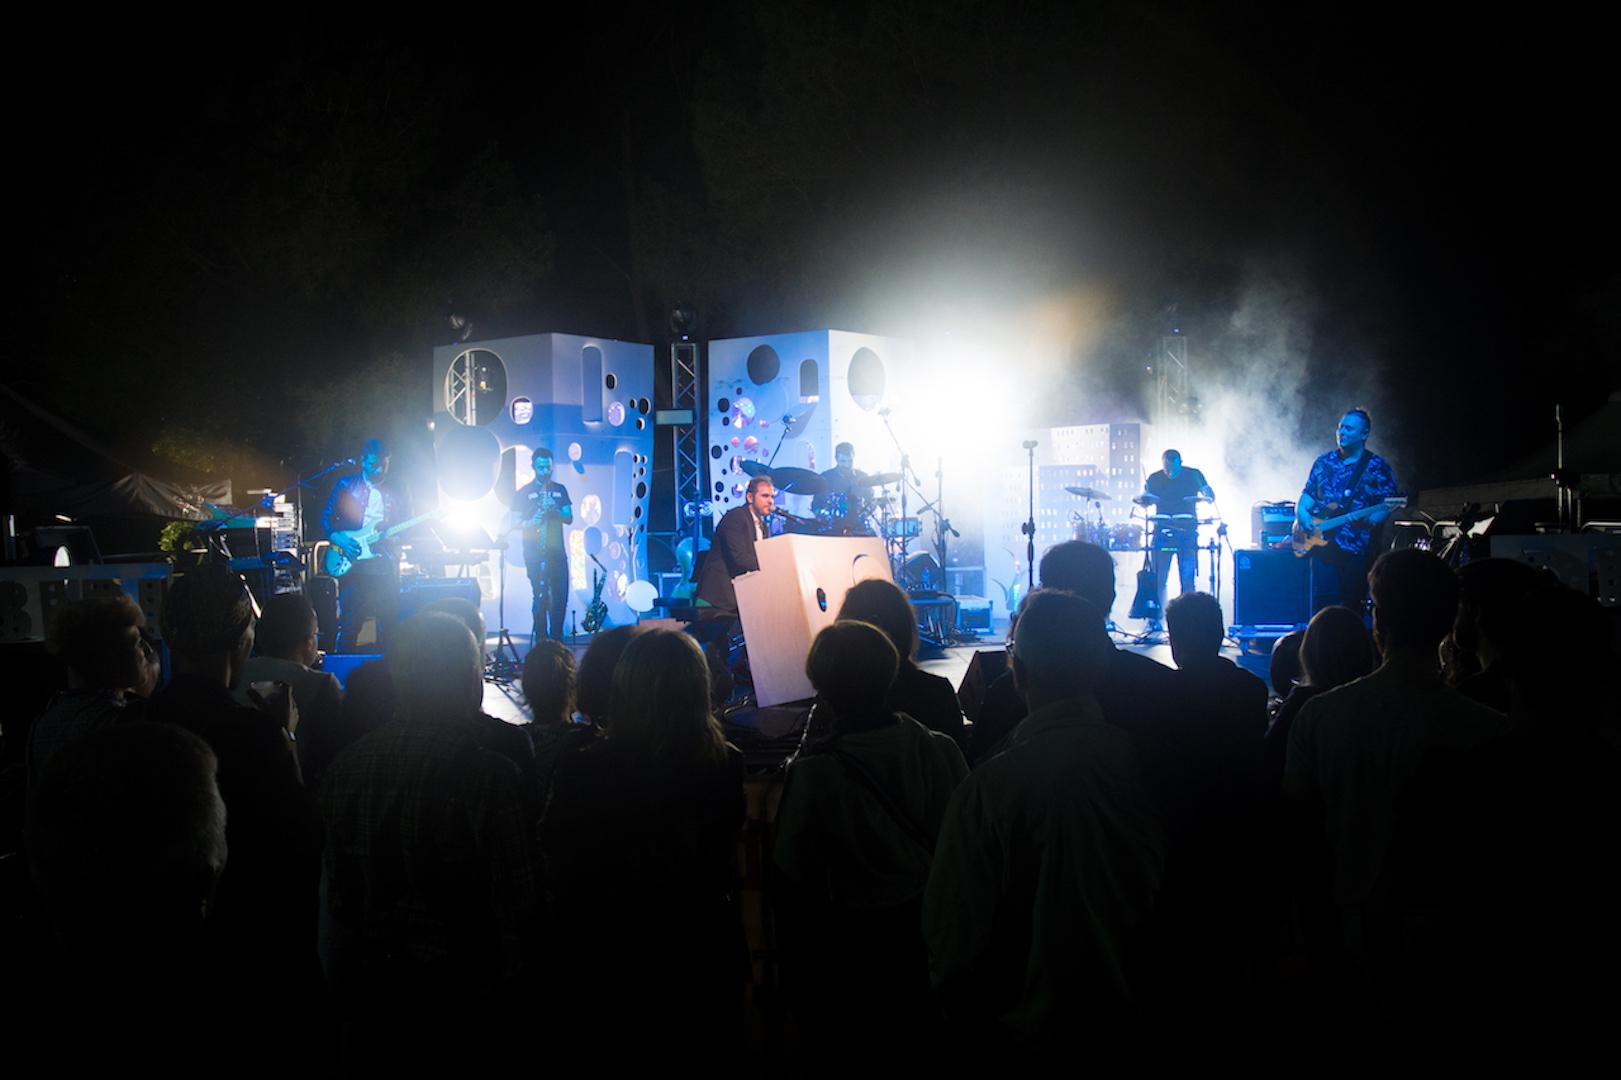 WoodstHop Festival: un'esperienza sensoriale alla scoperta della birra artigianale, della bella musica (Dario Rossi, Renzo Rubino, Skiantos ft. Omar Pedrini) e della Murgia tarantina